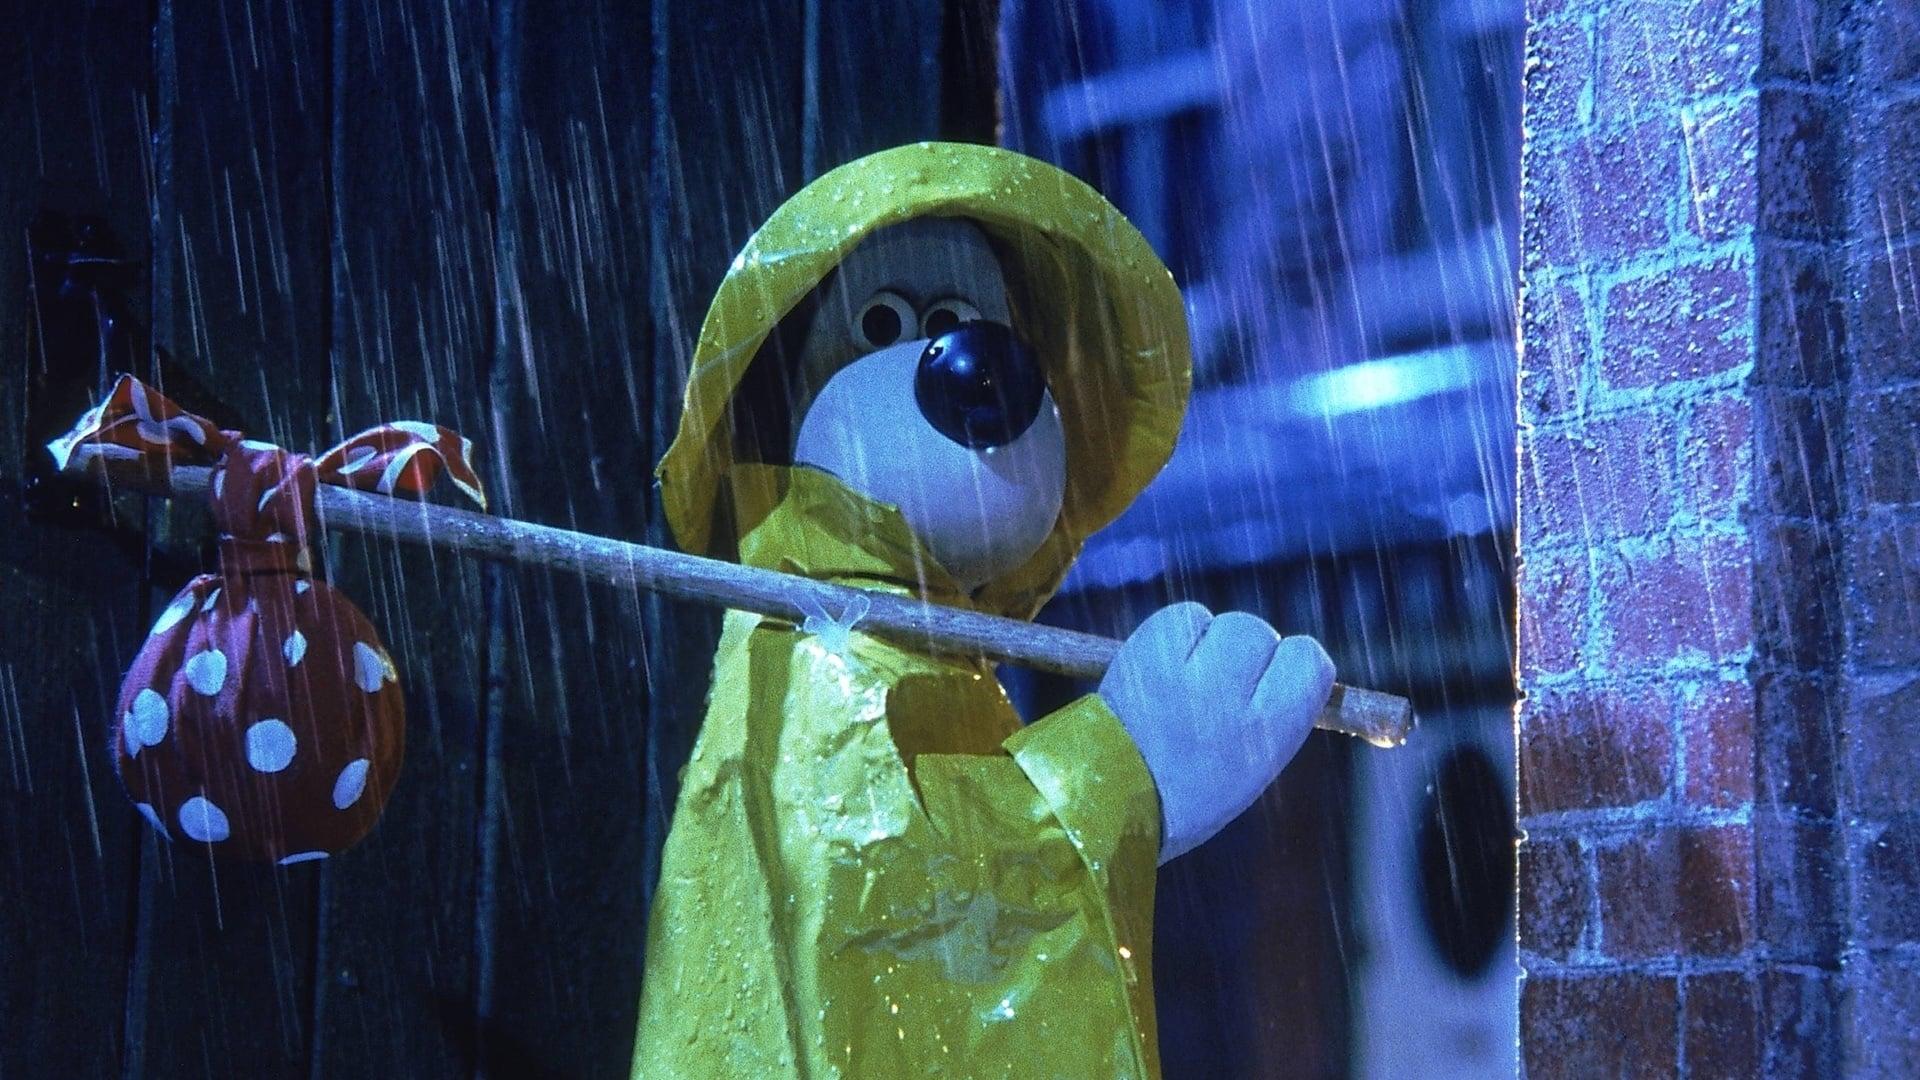 Wallace & Gromit - I pantaloni sbagliati (1993)